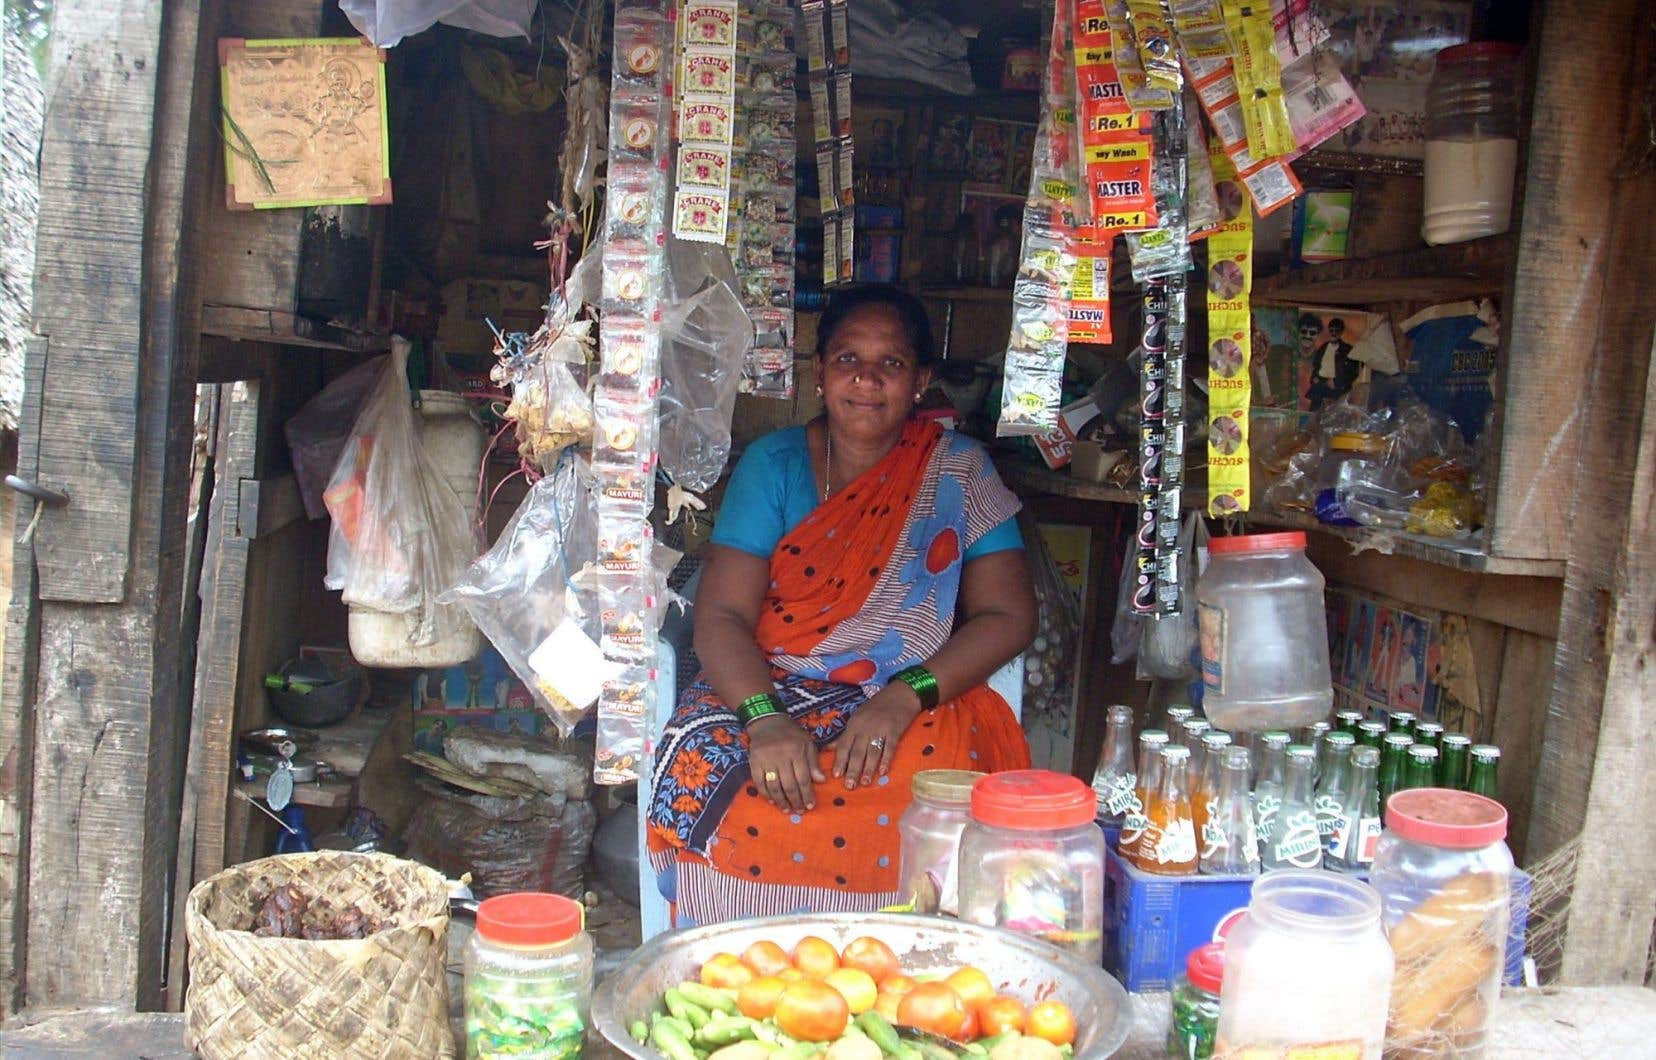 Ambati Polamma a fait partie du premier groupe de femmes aidées par l'AIPE dans le village de l'Andhra Pradesh, en Inde. Depuis l'ouverture de son commerce, elle peut envoyer ses enfants à l'école et a remboursé ses dettes au prêteur usurier local.